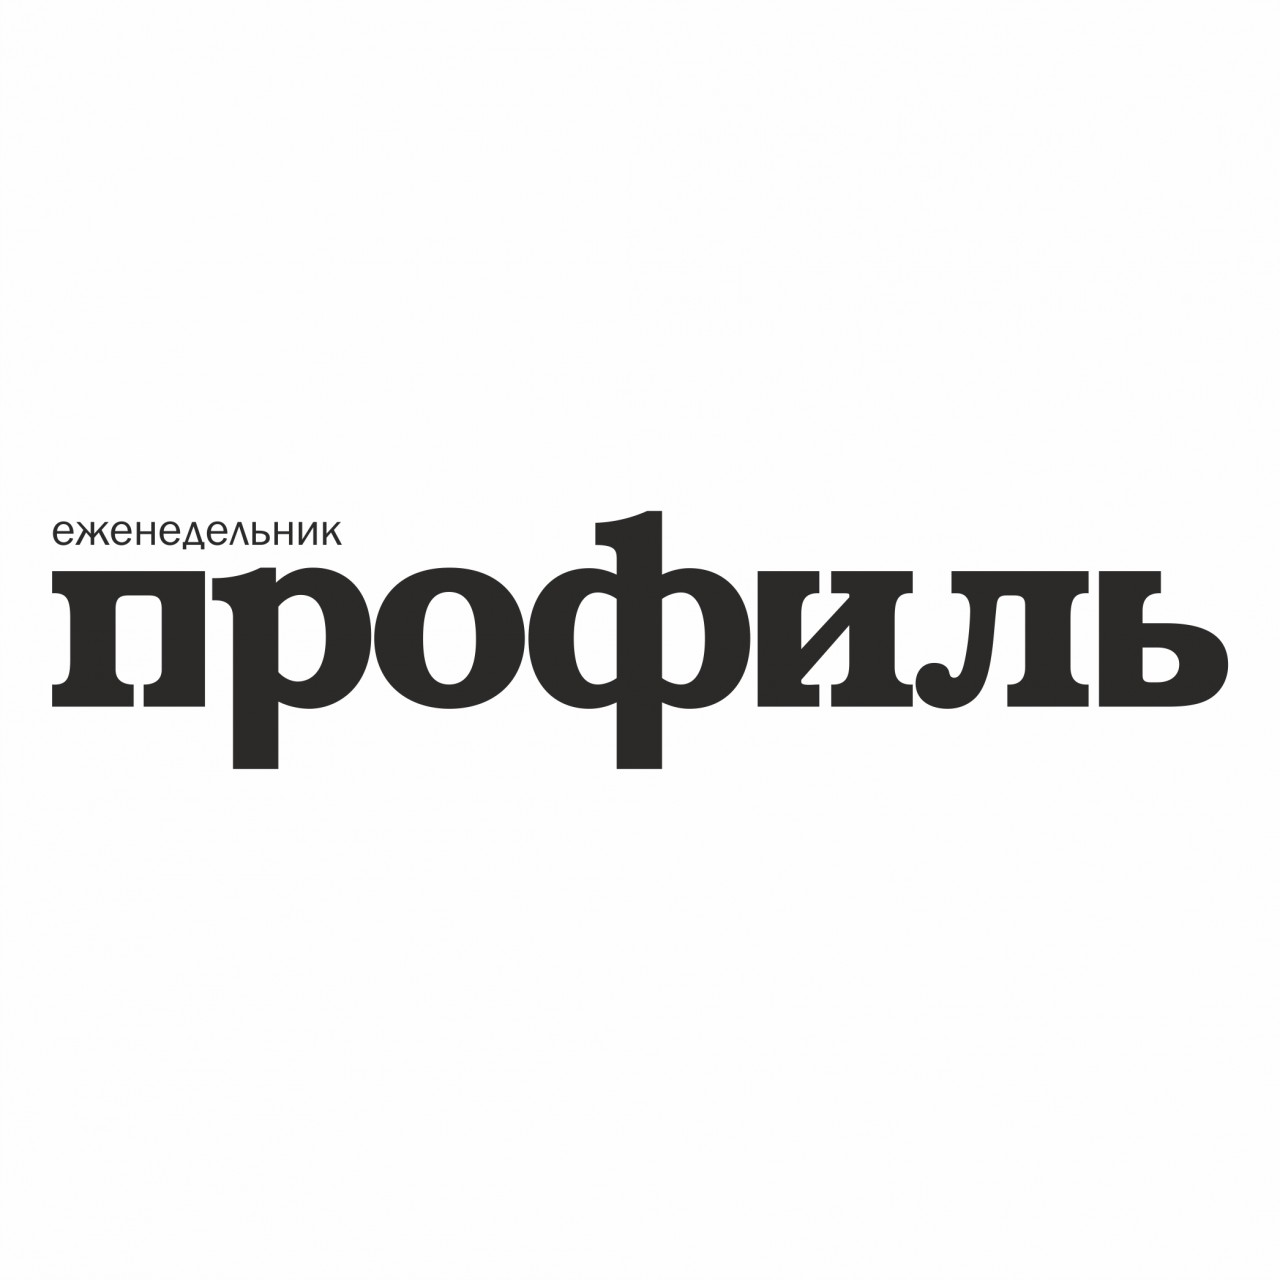 Делегация двух палат Конгресса США едет в Россию